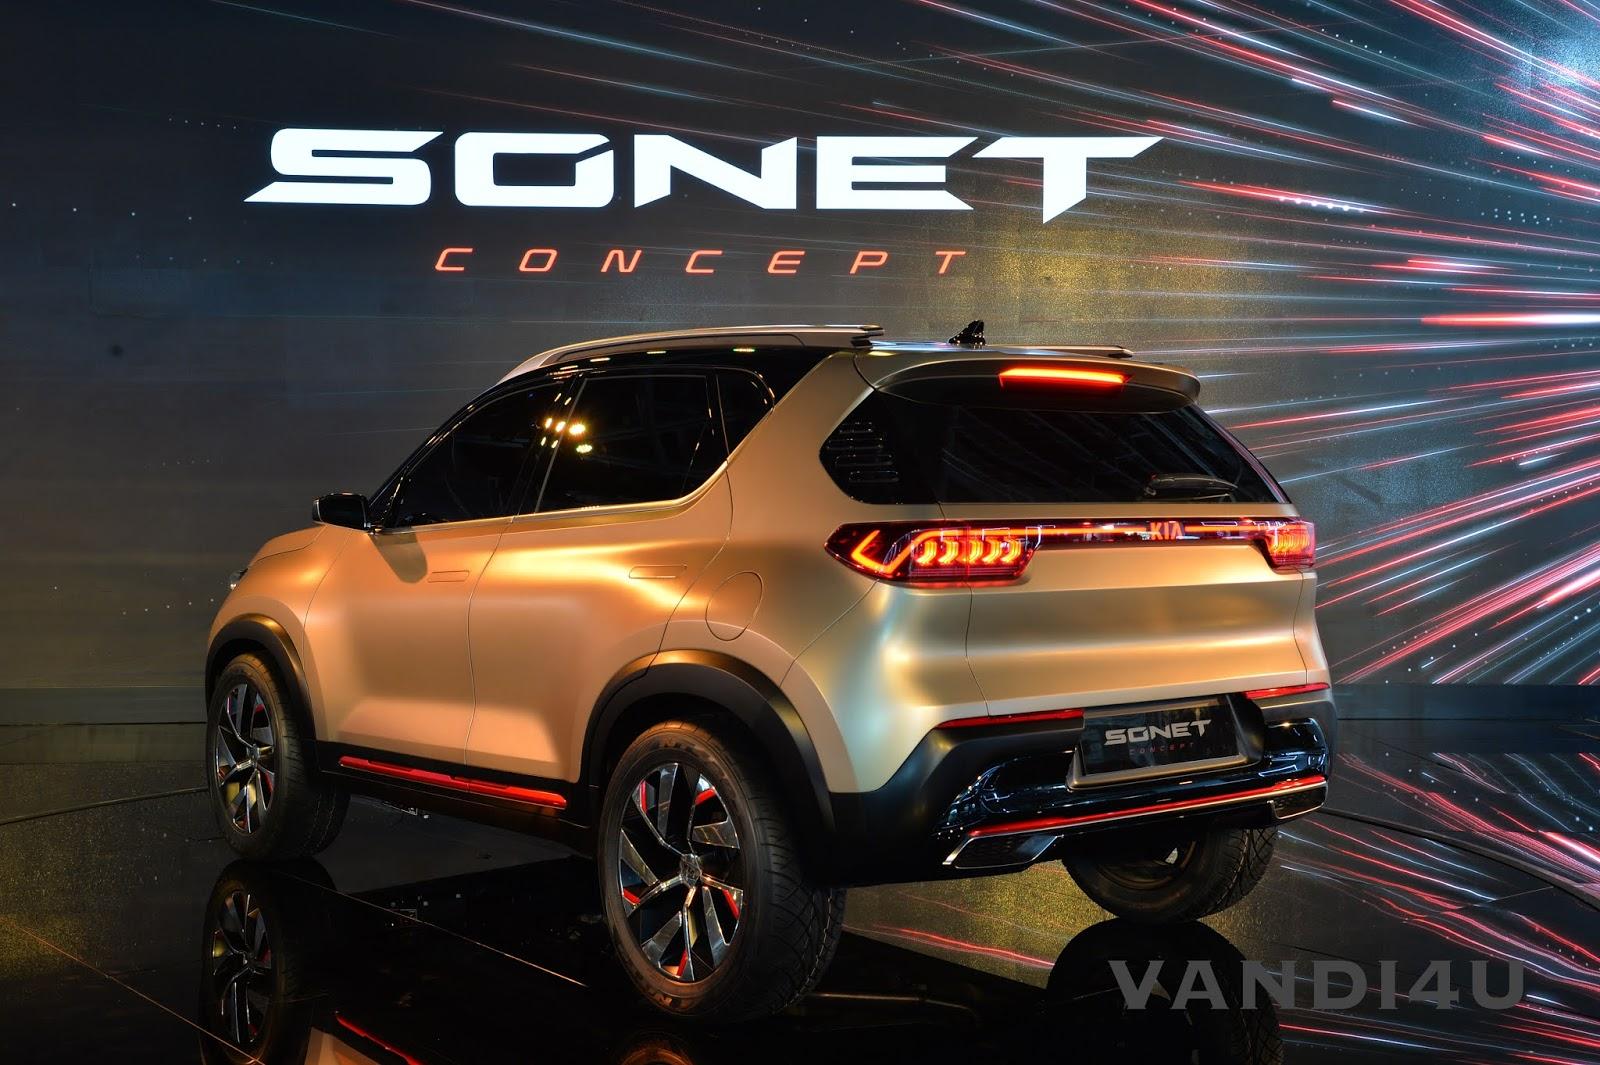 Kia's Compact SUV Sonet unveiled at Auto Expo 2020 | VANDI4U